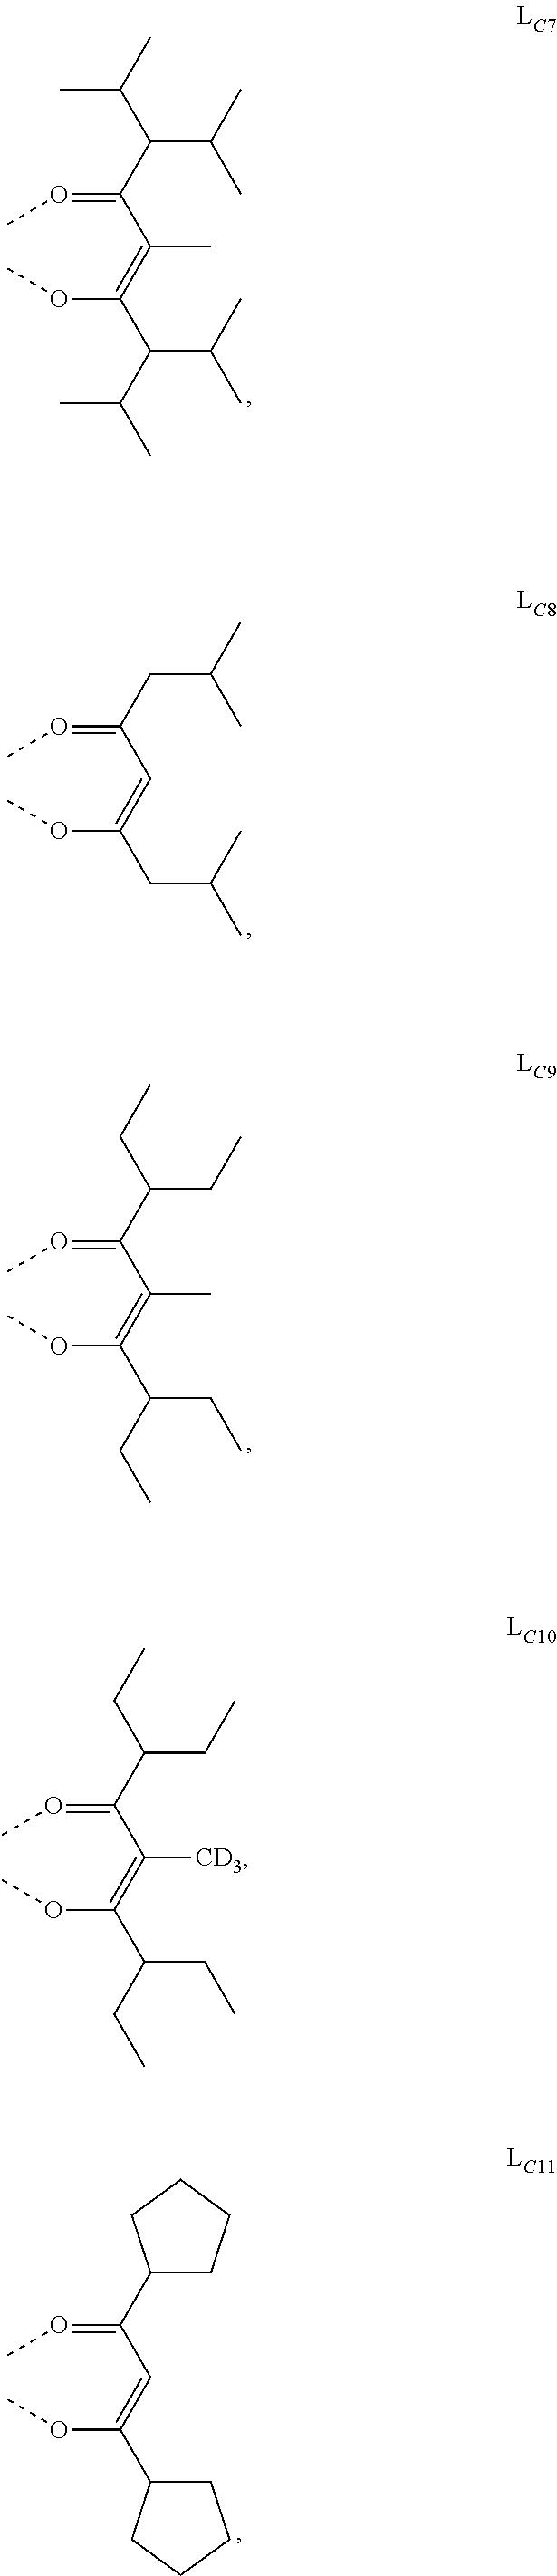 Figure US09929360-20180327-C00034